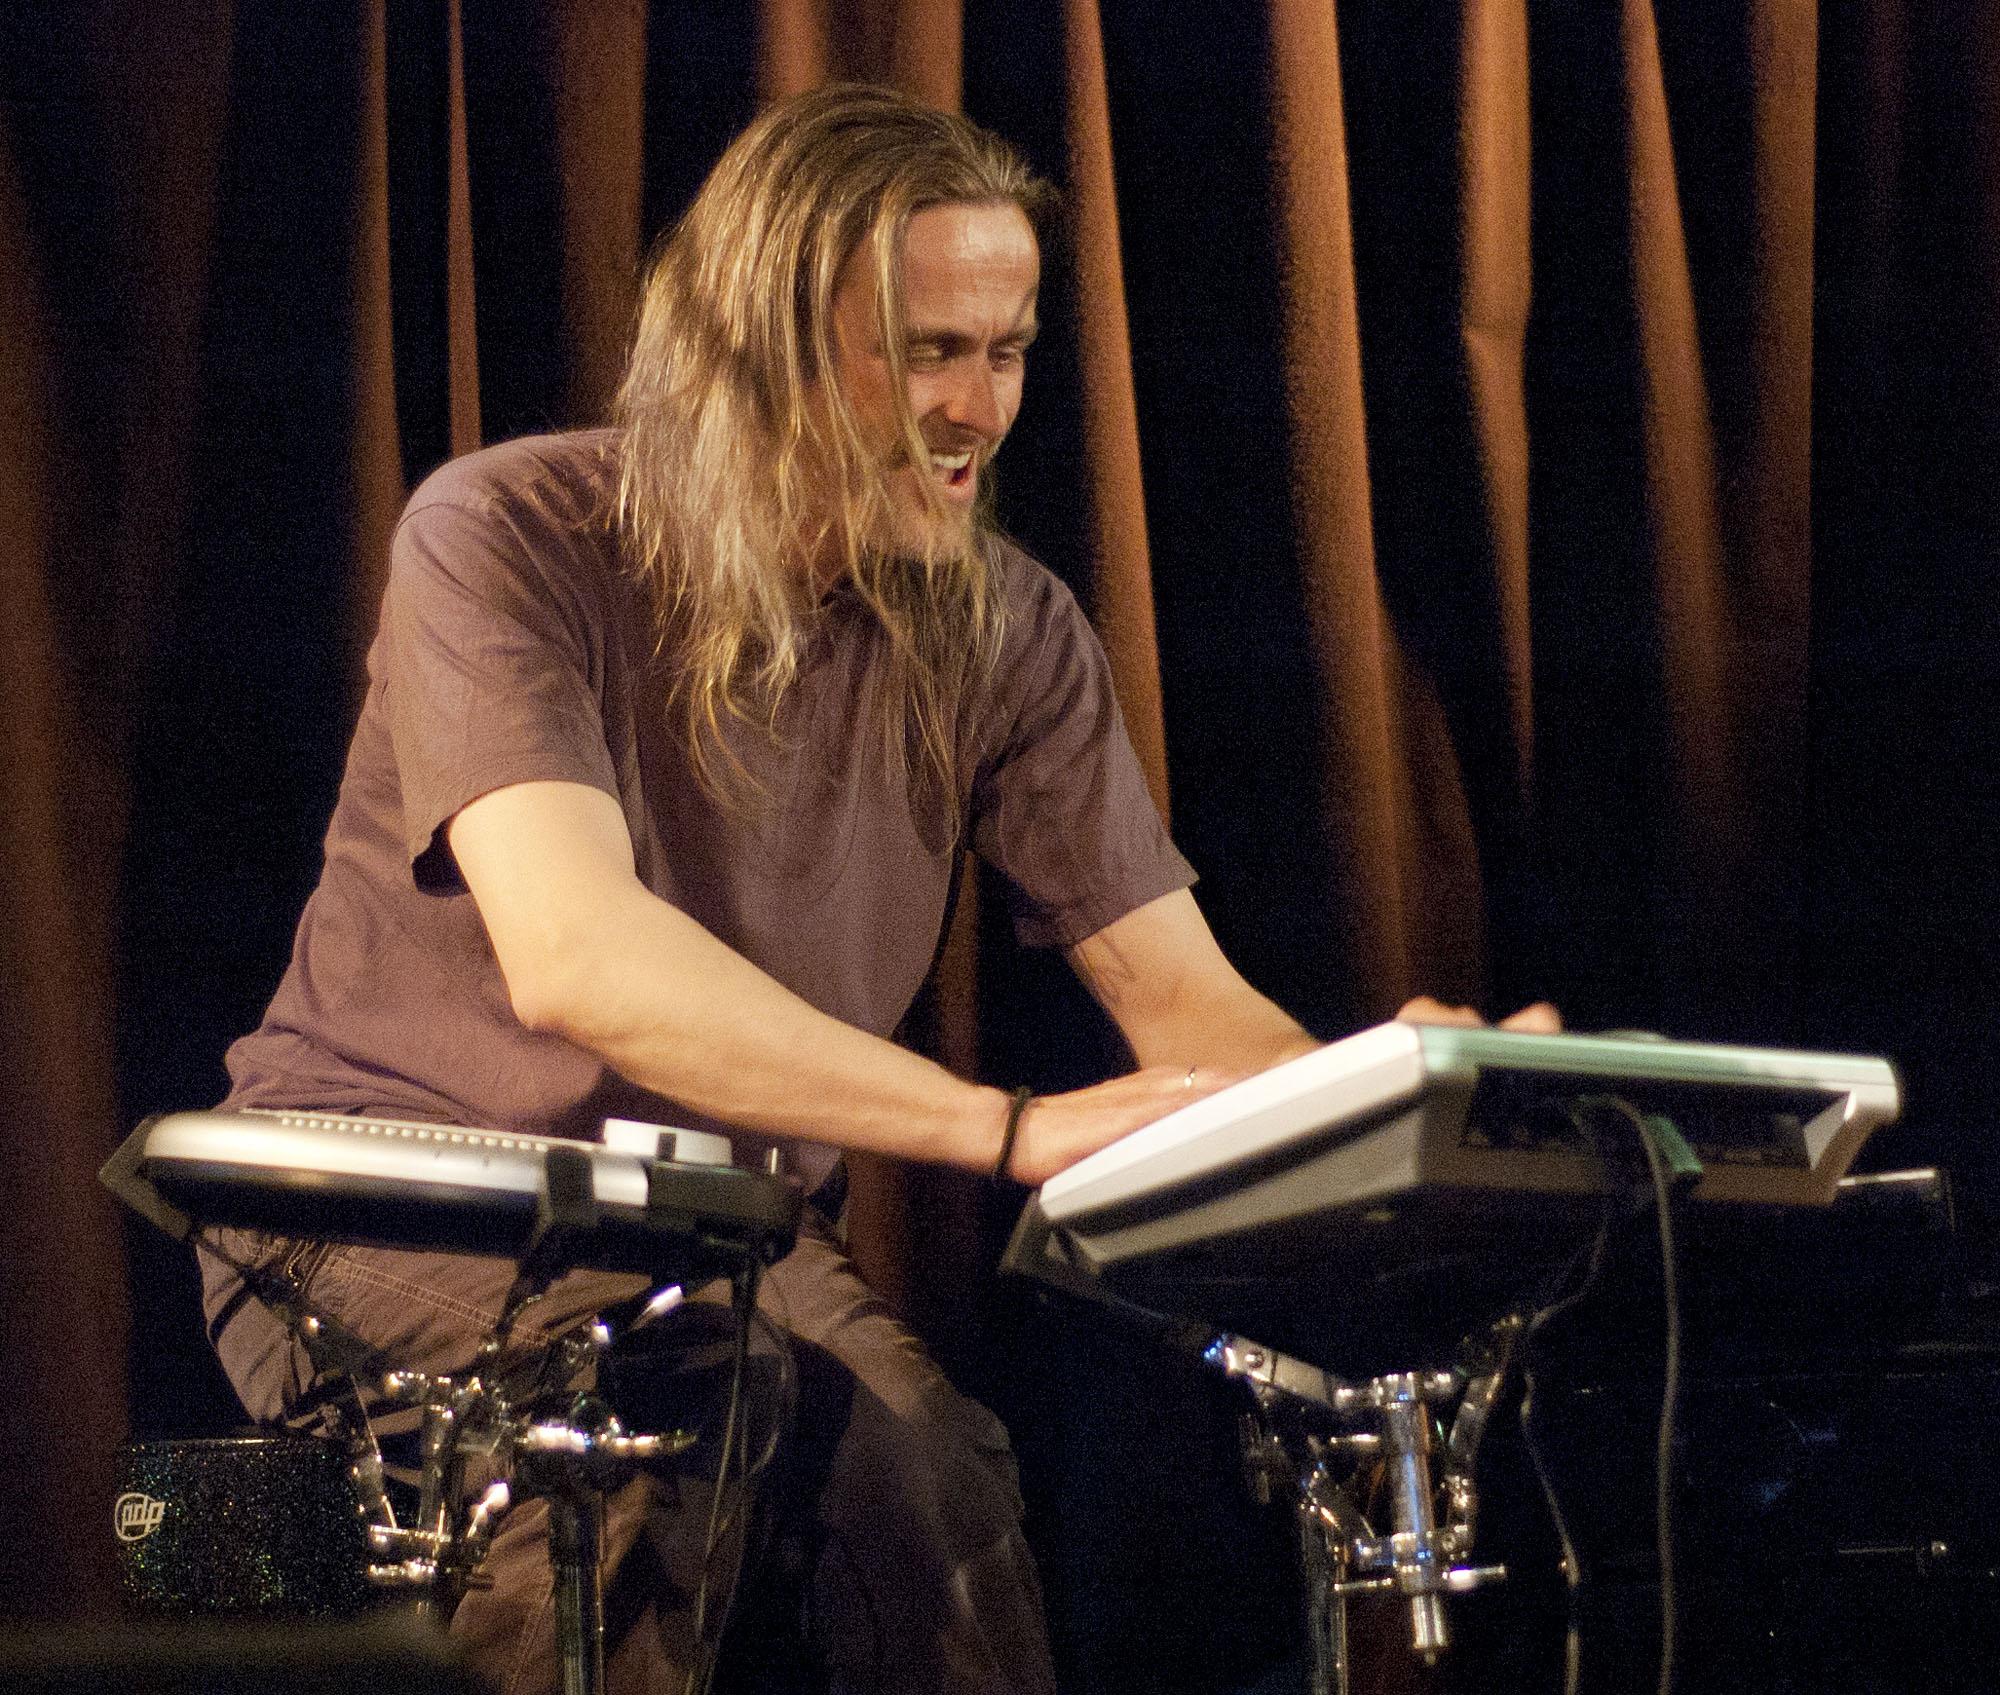 Audun Kleive, with Arve Henriksen Trio, at Nattjazz 2011